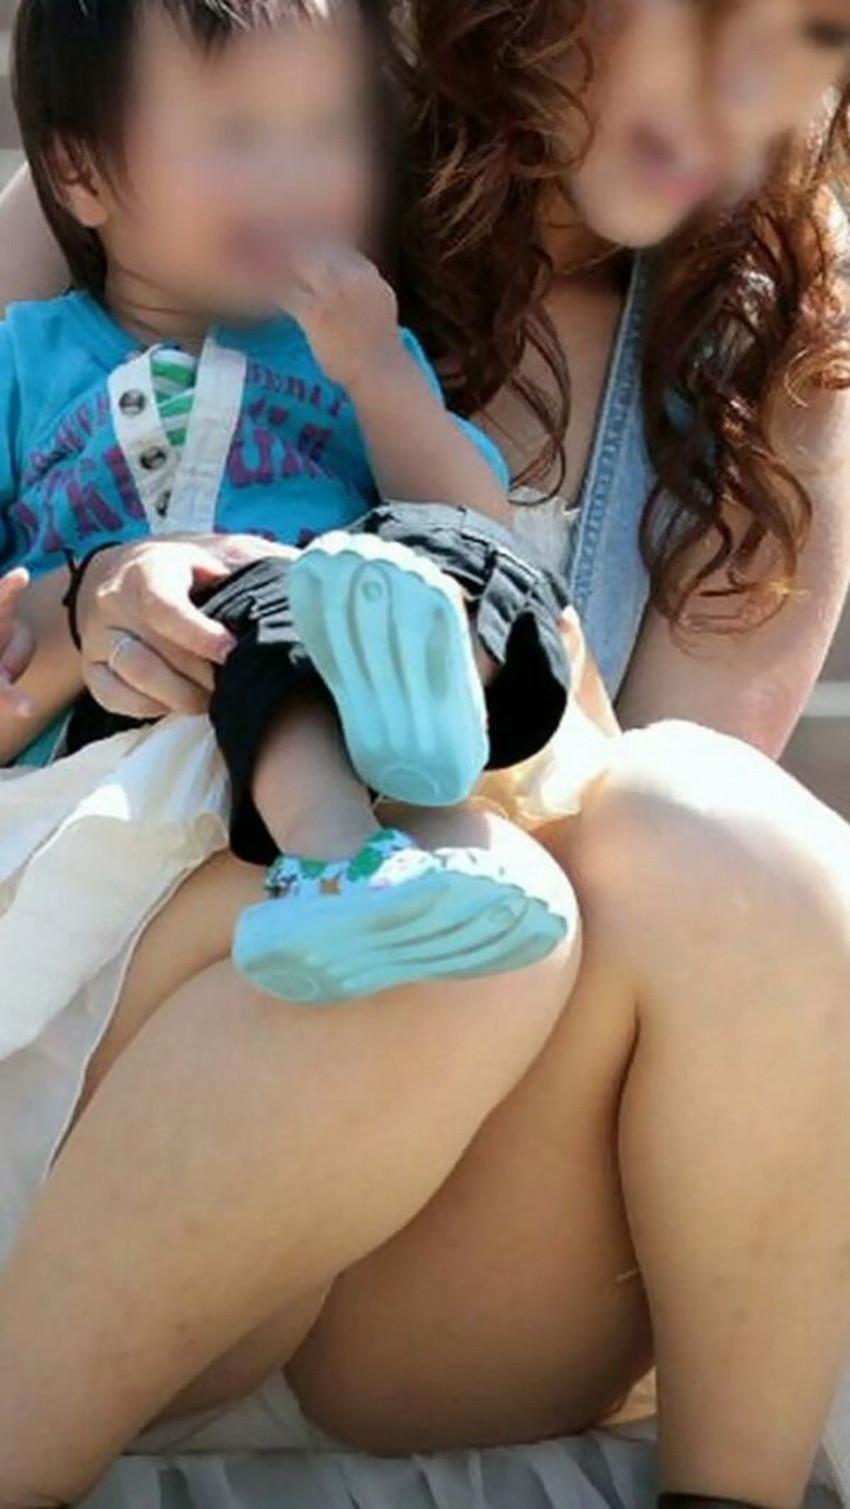 【人妻パンチラエロ画像】他人の妻のパンチラを目撃してプチNTR気分になれる人妻パンチラのエロ画像集!ww【80枚】 08